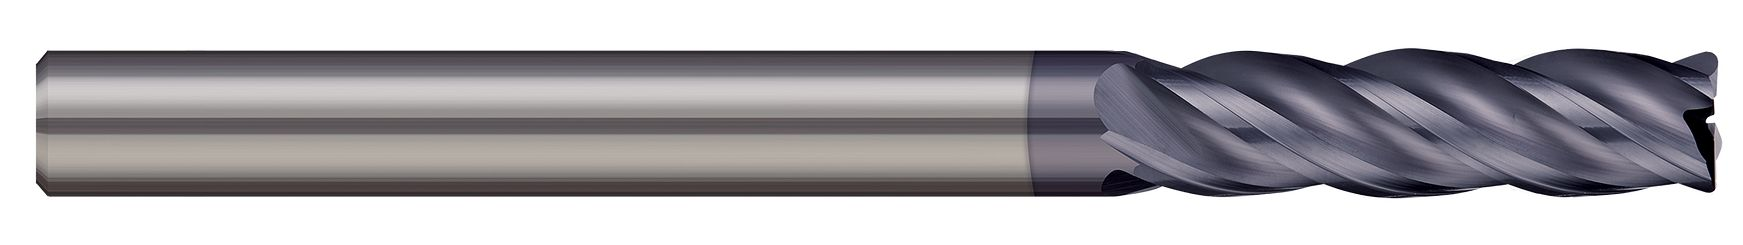 tool-details-VLM-312-5-020K